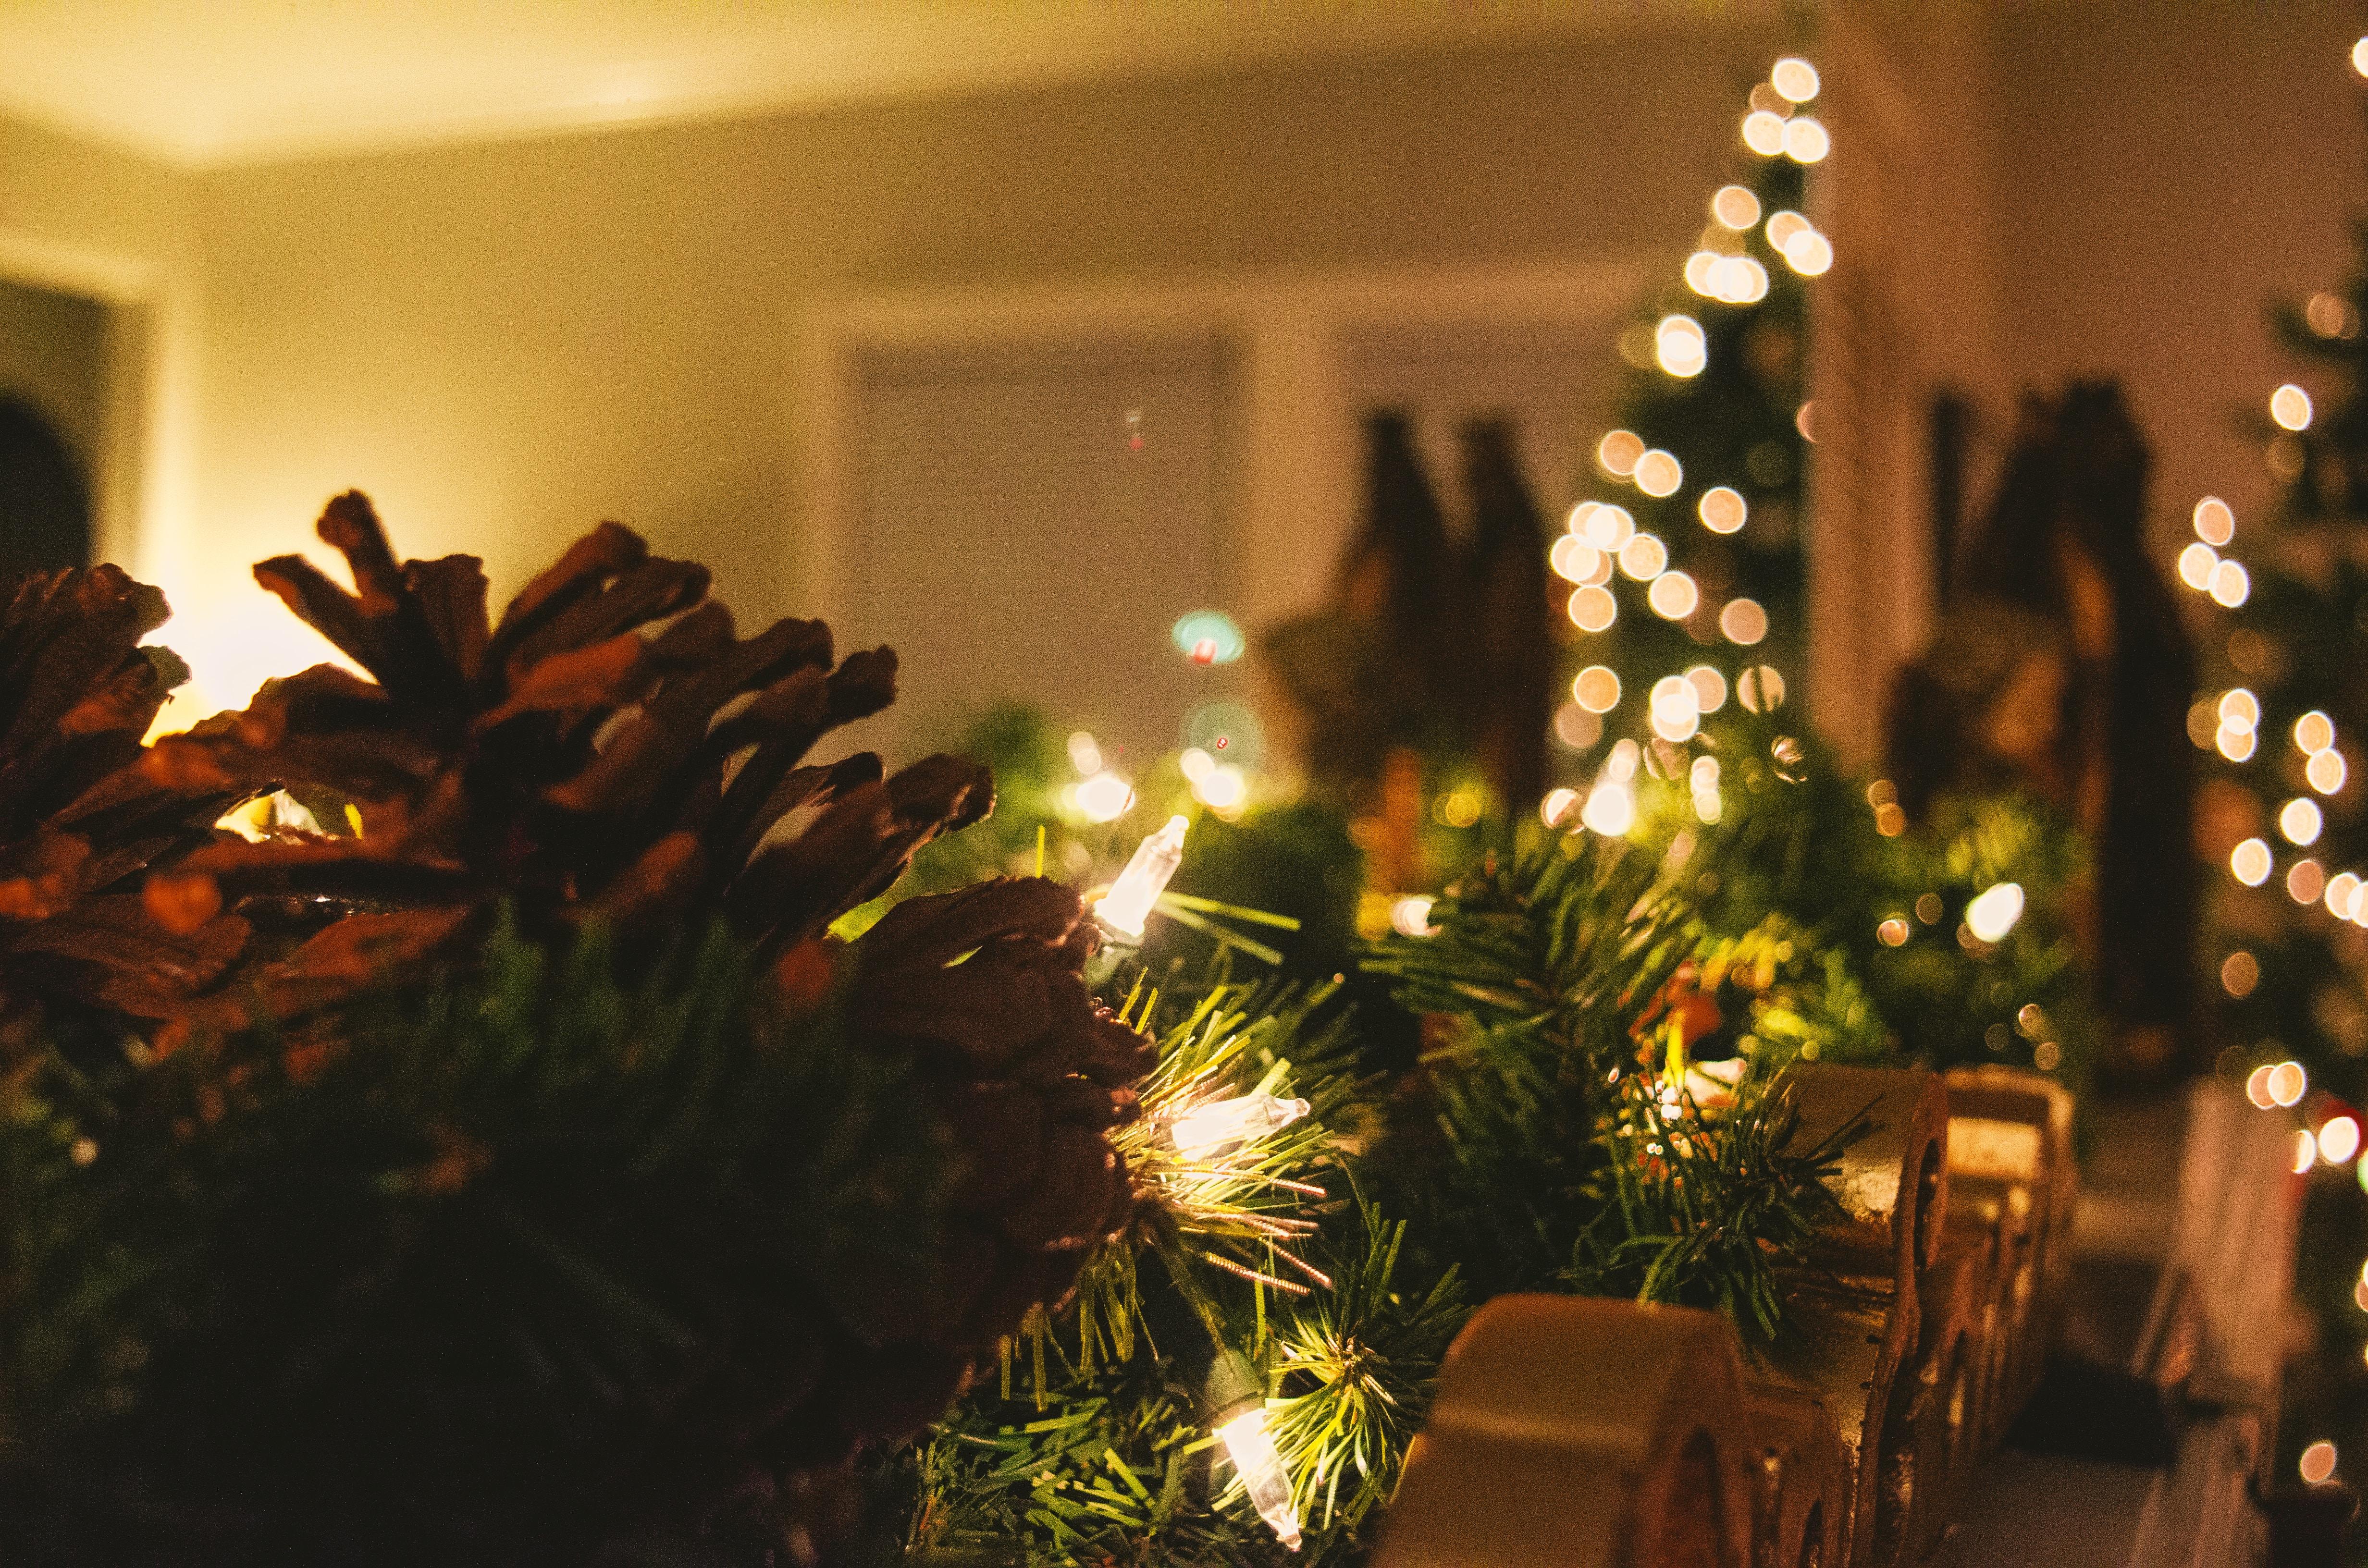 Kerstproof-Excellentwonenleven